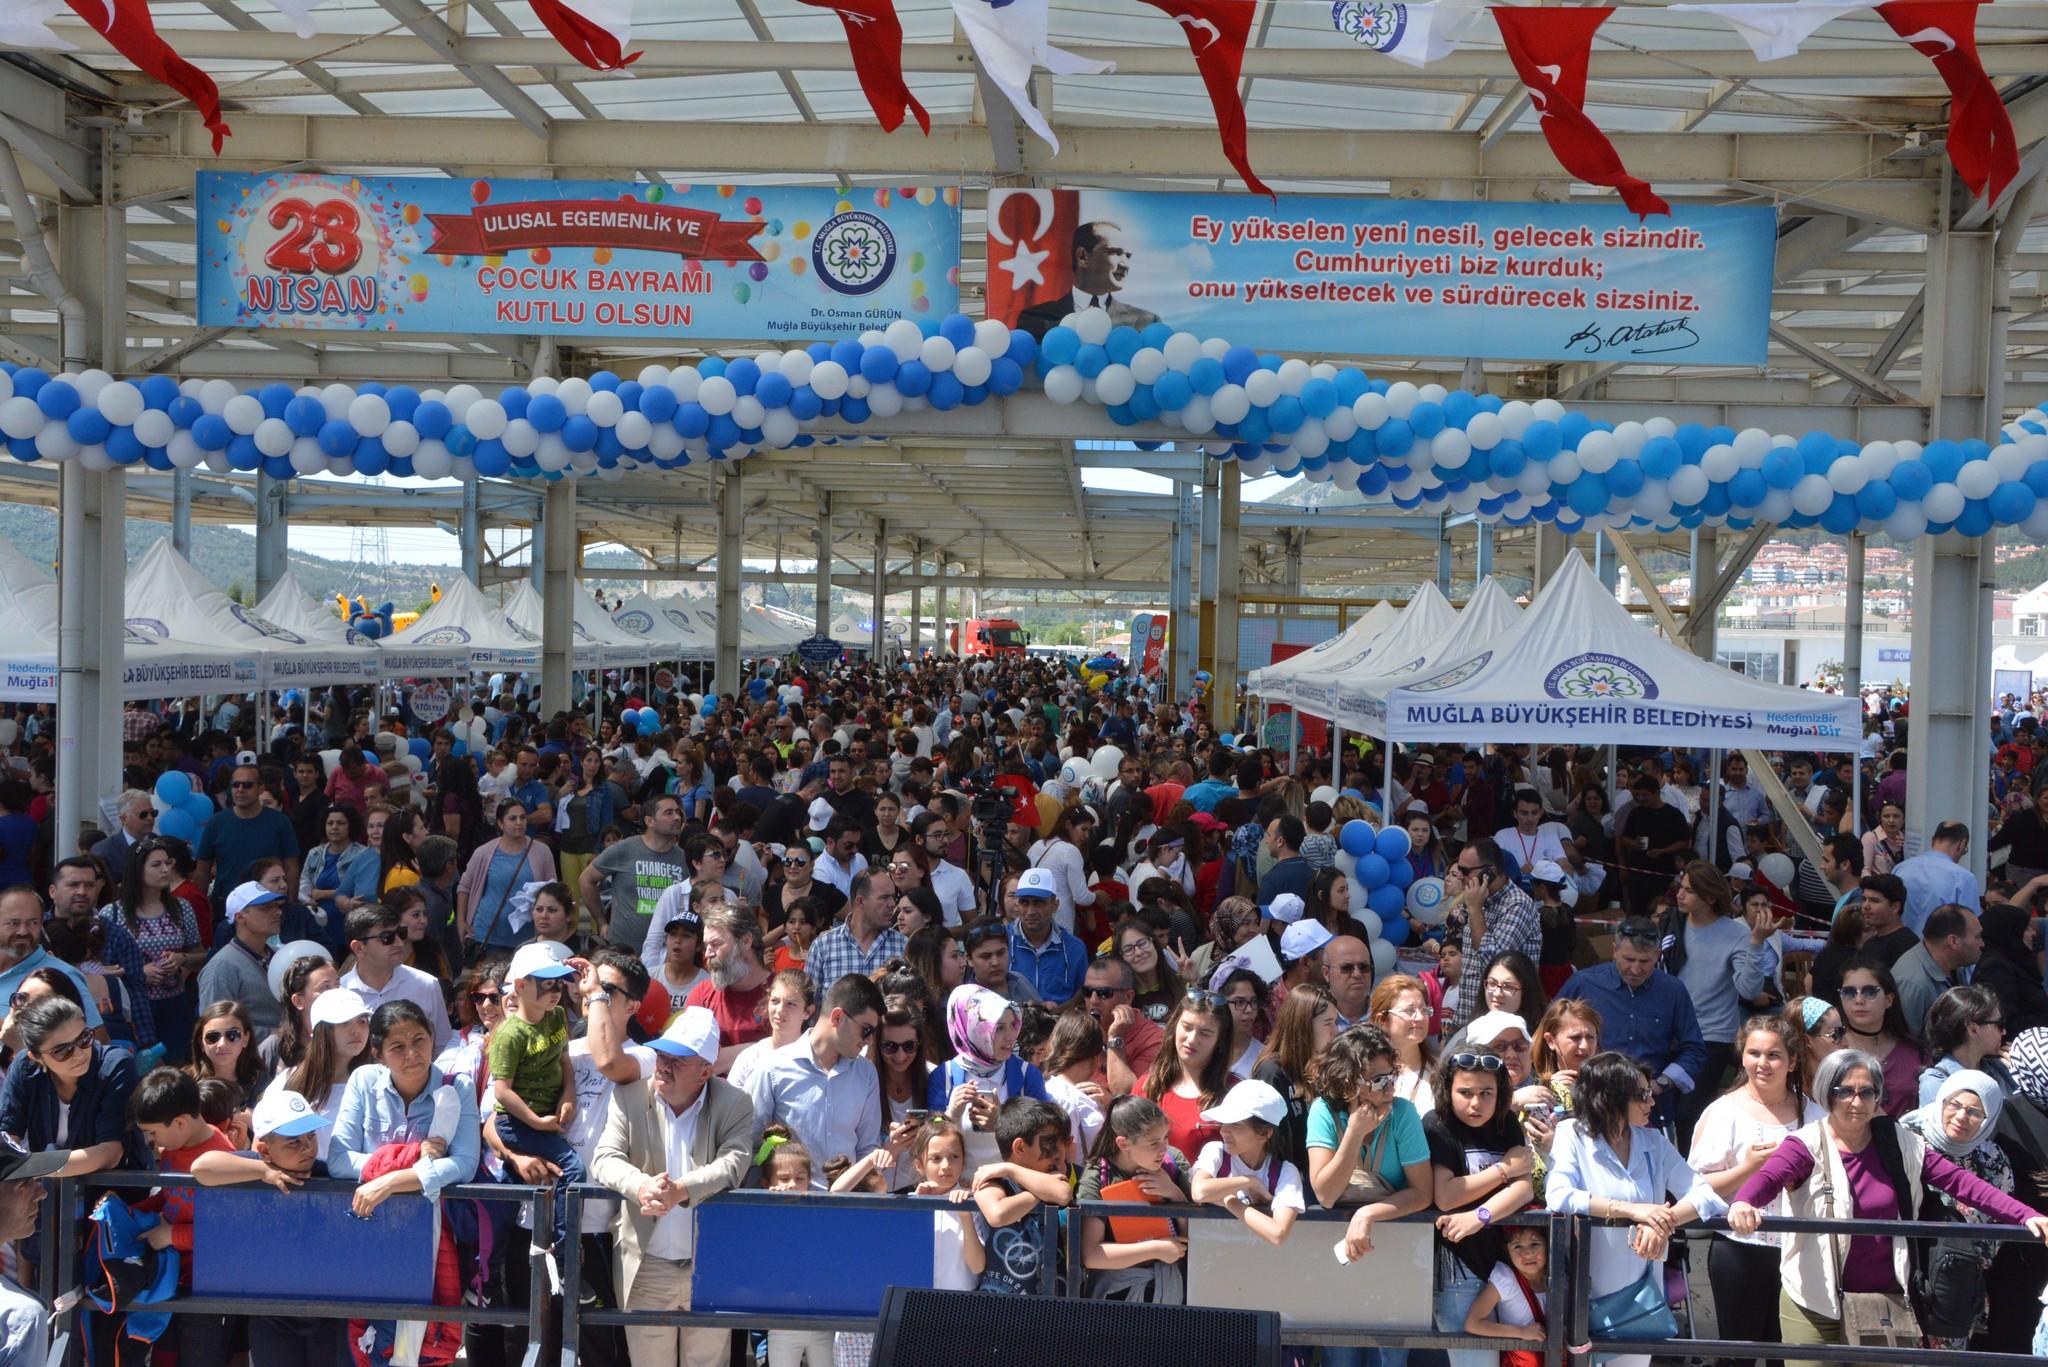 Kutlamalar ve yarışmalar sırasında çocuklar için aday olanlar